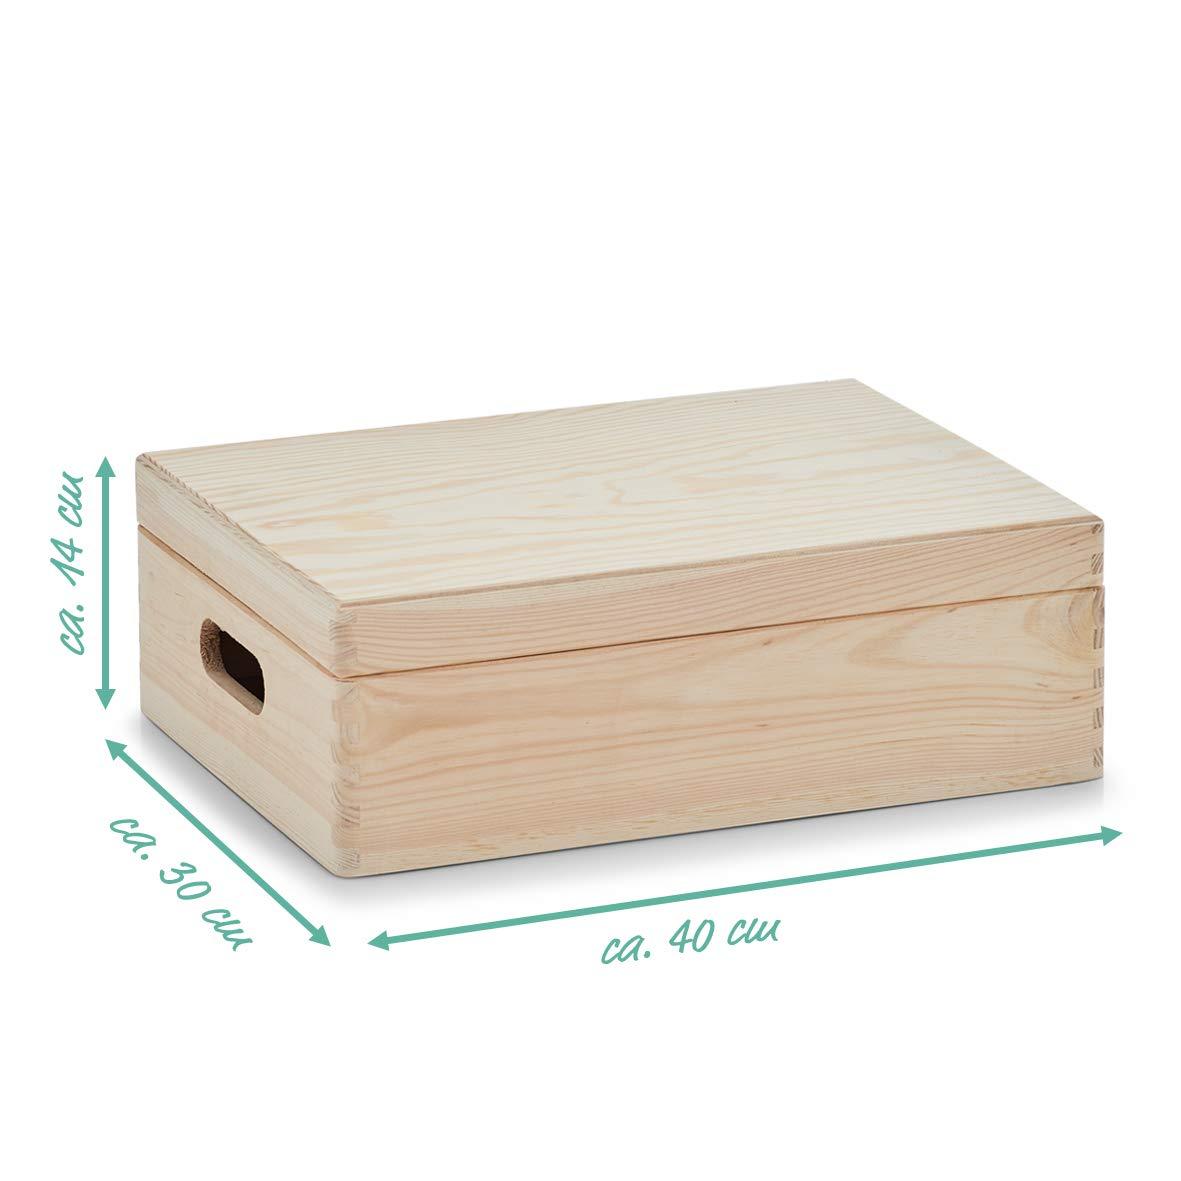 Zeller 13151 Caja Multiusos con Tapa, Madera, Marrón, 40x30x14 cm ...